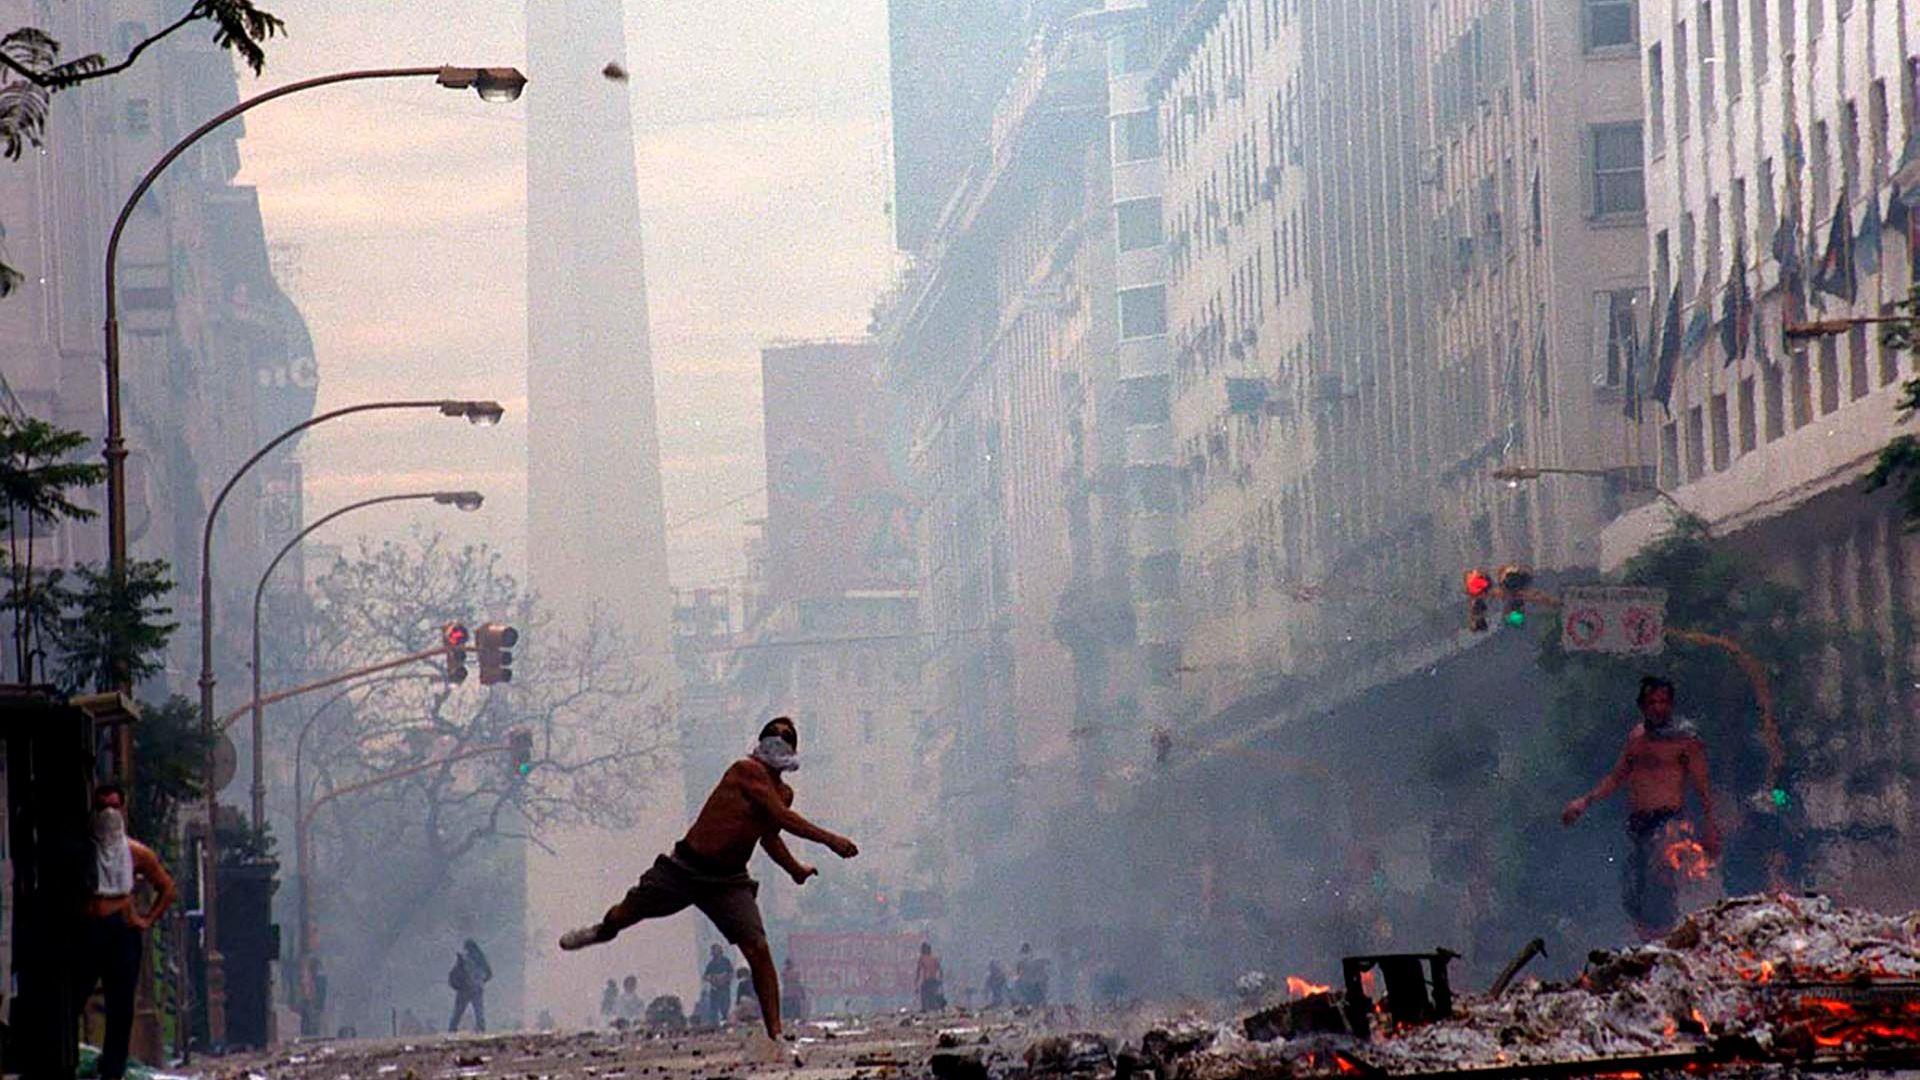 Una foto icónica de diciembre de 2001, cuando cayeron la convertibilidad y el gobierno de Fernando de la Rúa